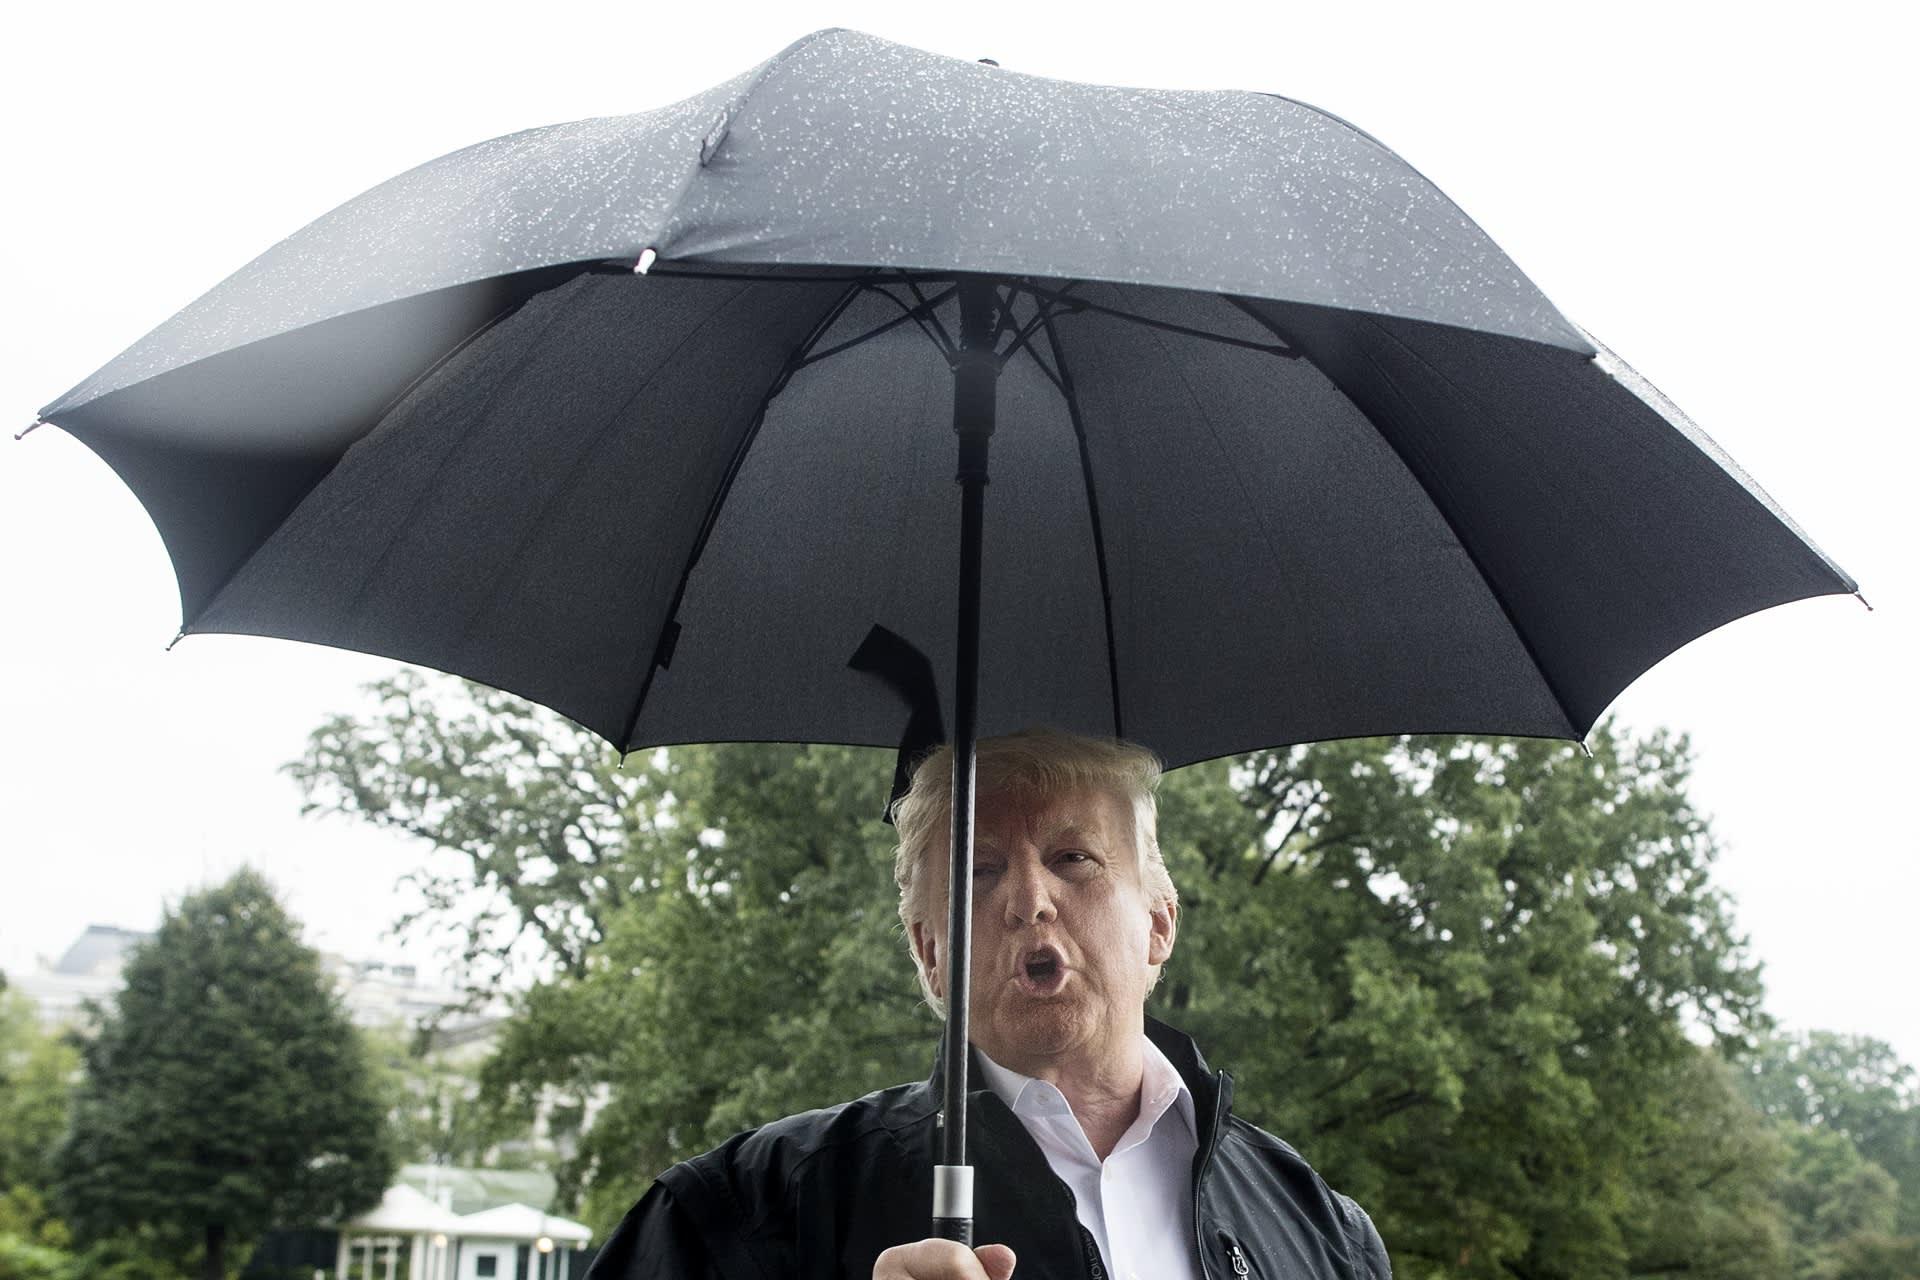 Yhdysvaltain presidentti Donald Trump puhuu sateenvarjon alta.